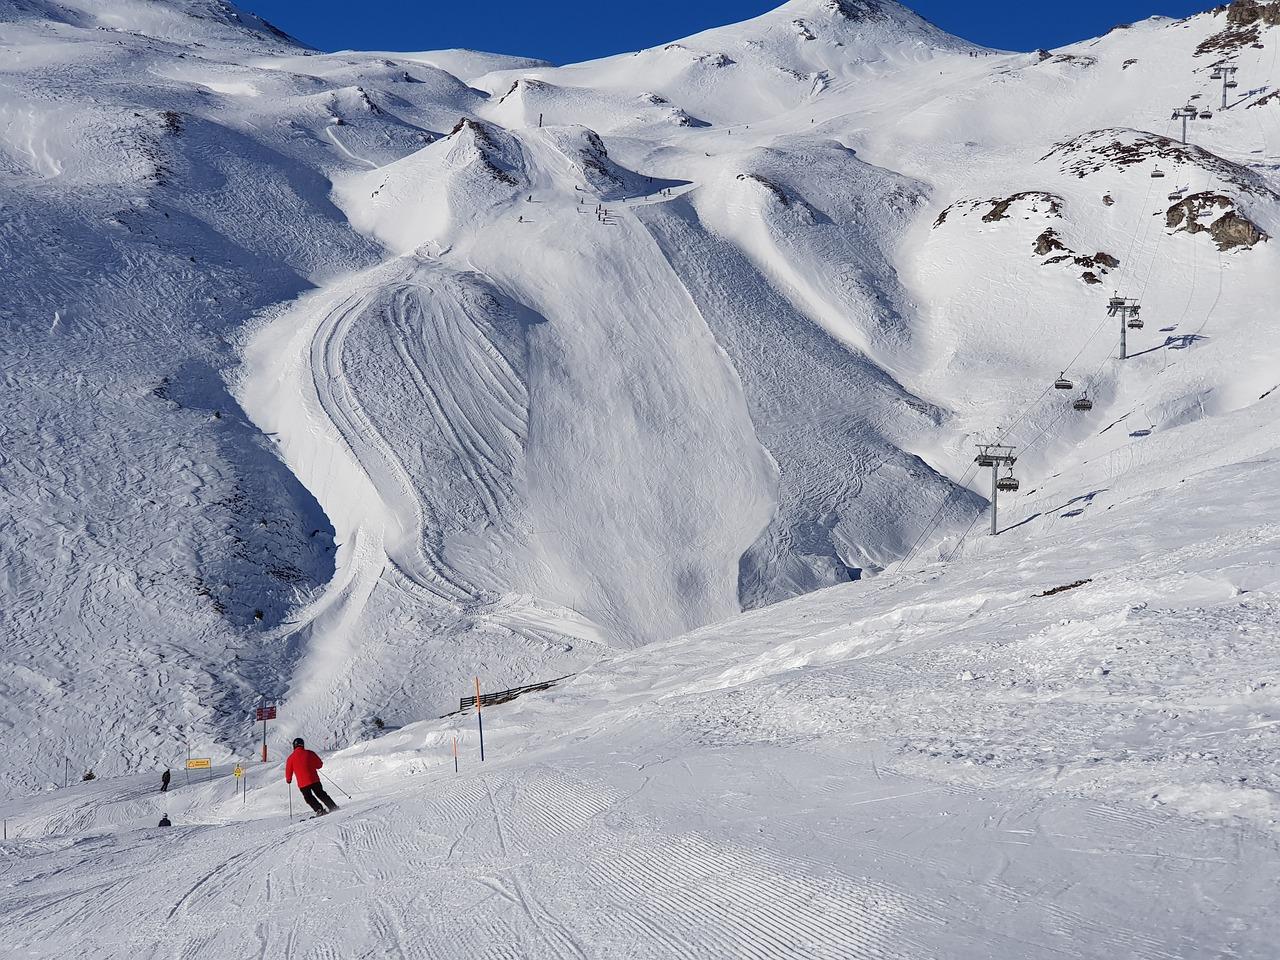 Skiing Ski Center Landscape - Free photo on Pixabay